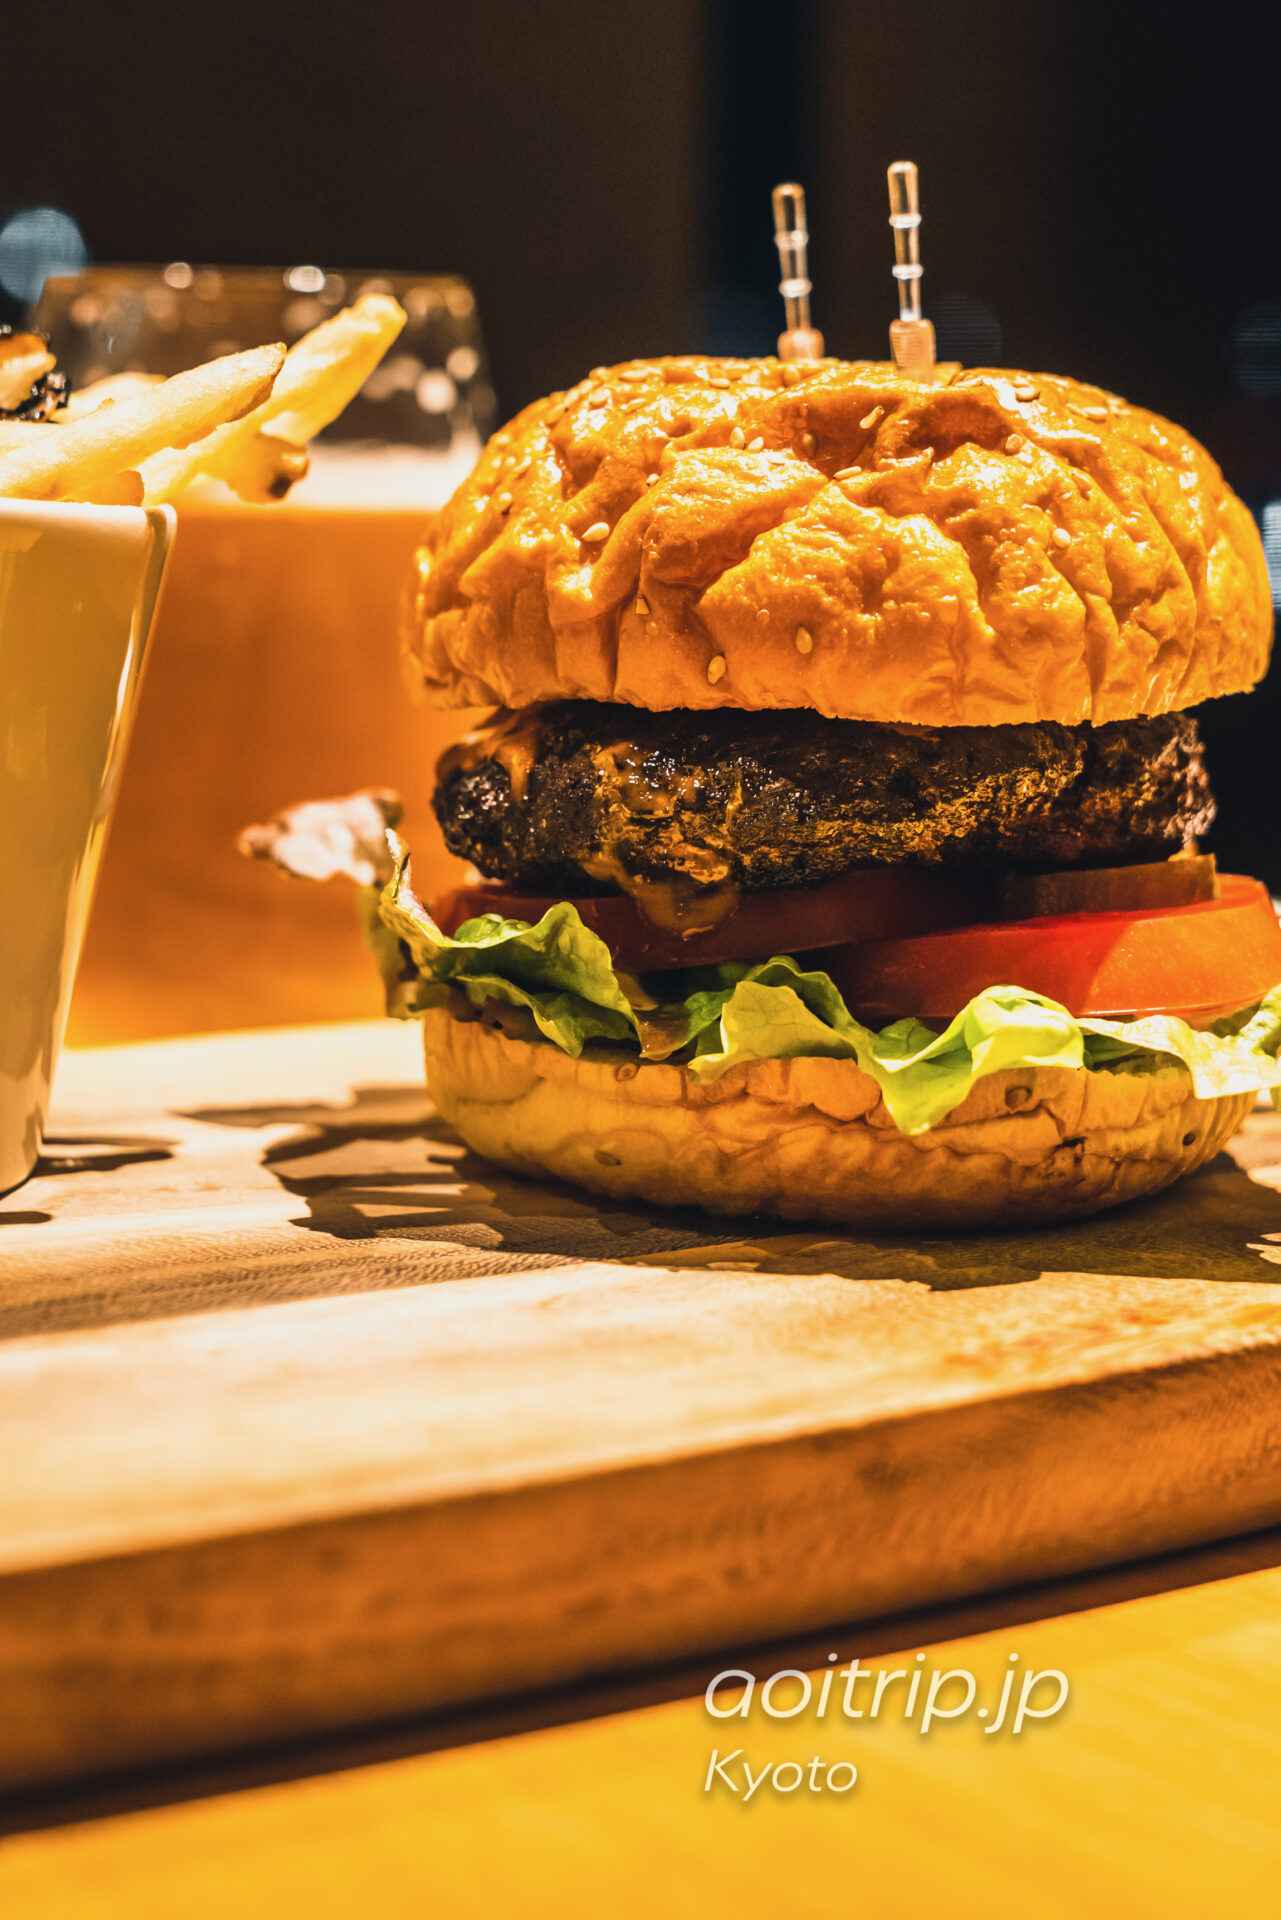 ザ リッツカールトン京都のインルームダイニンング シェフのおすすめ 黒毛和牛ビーフバーガー